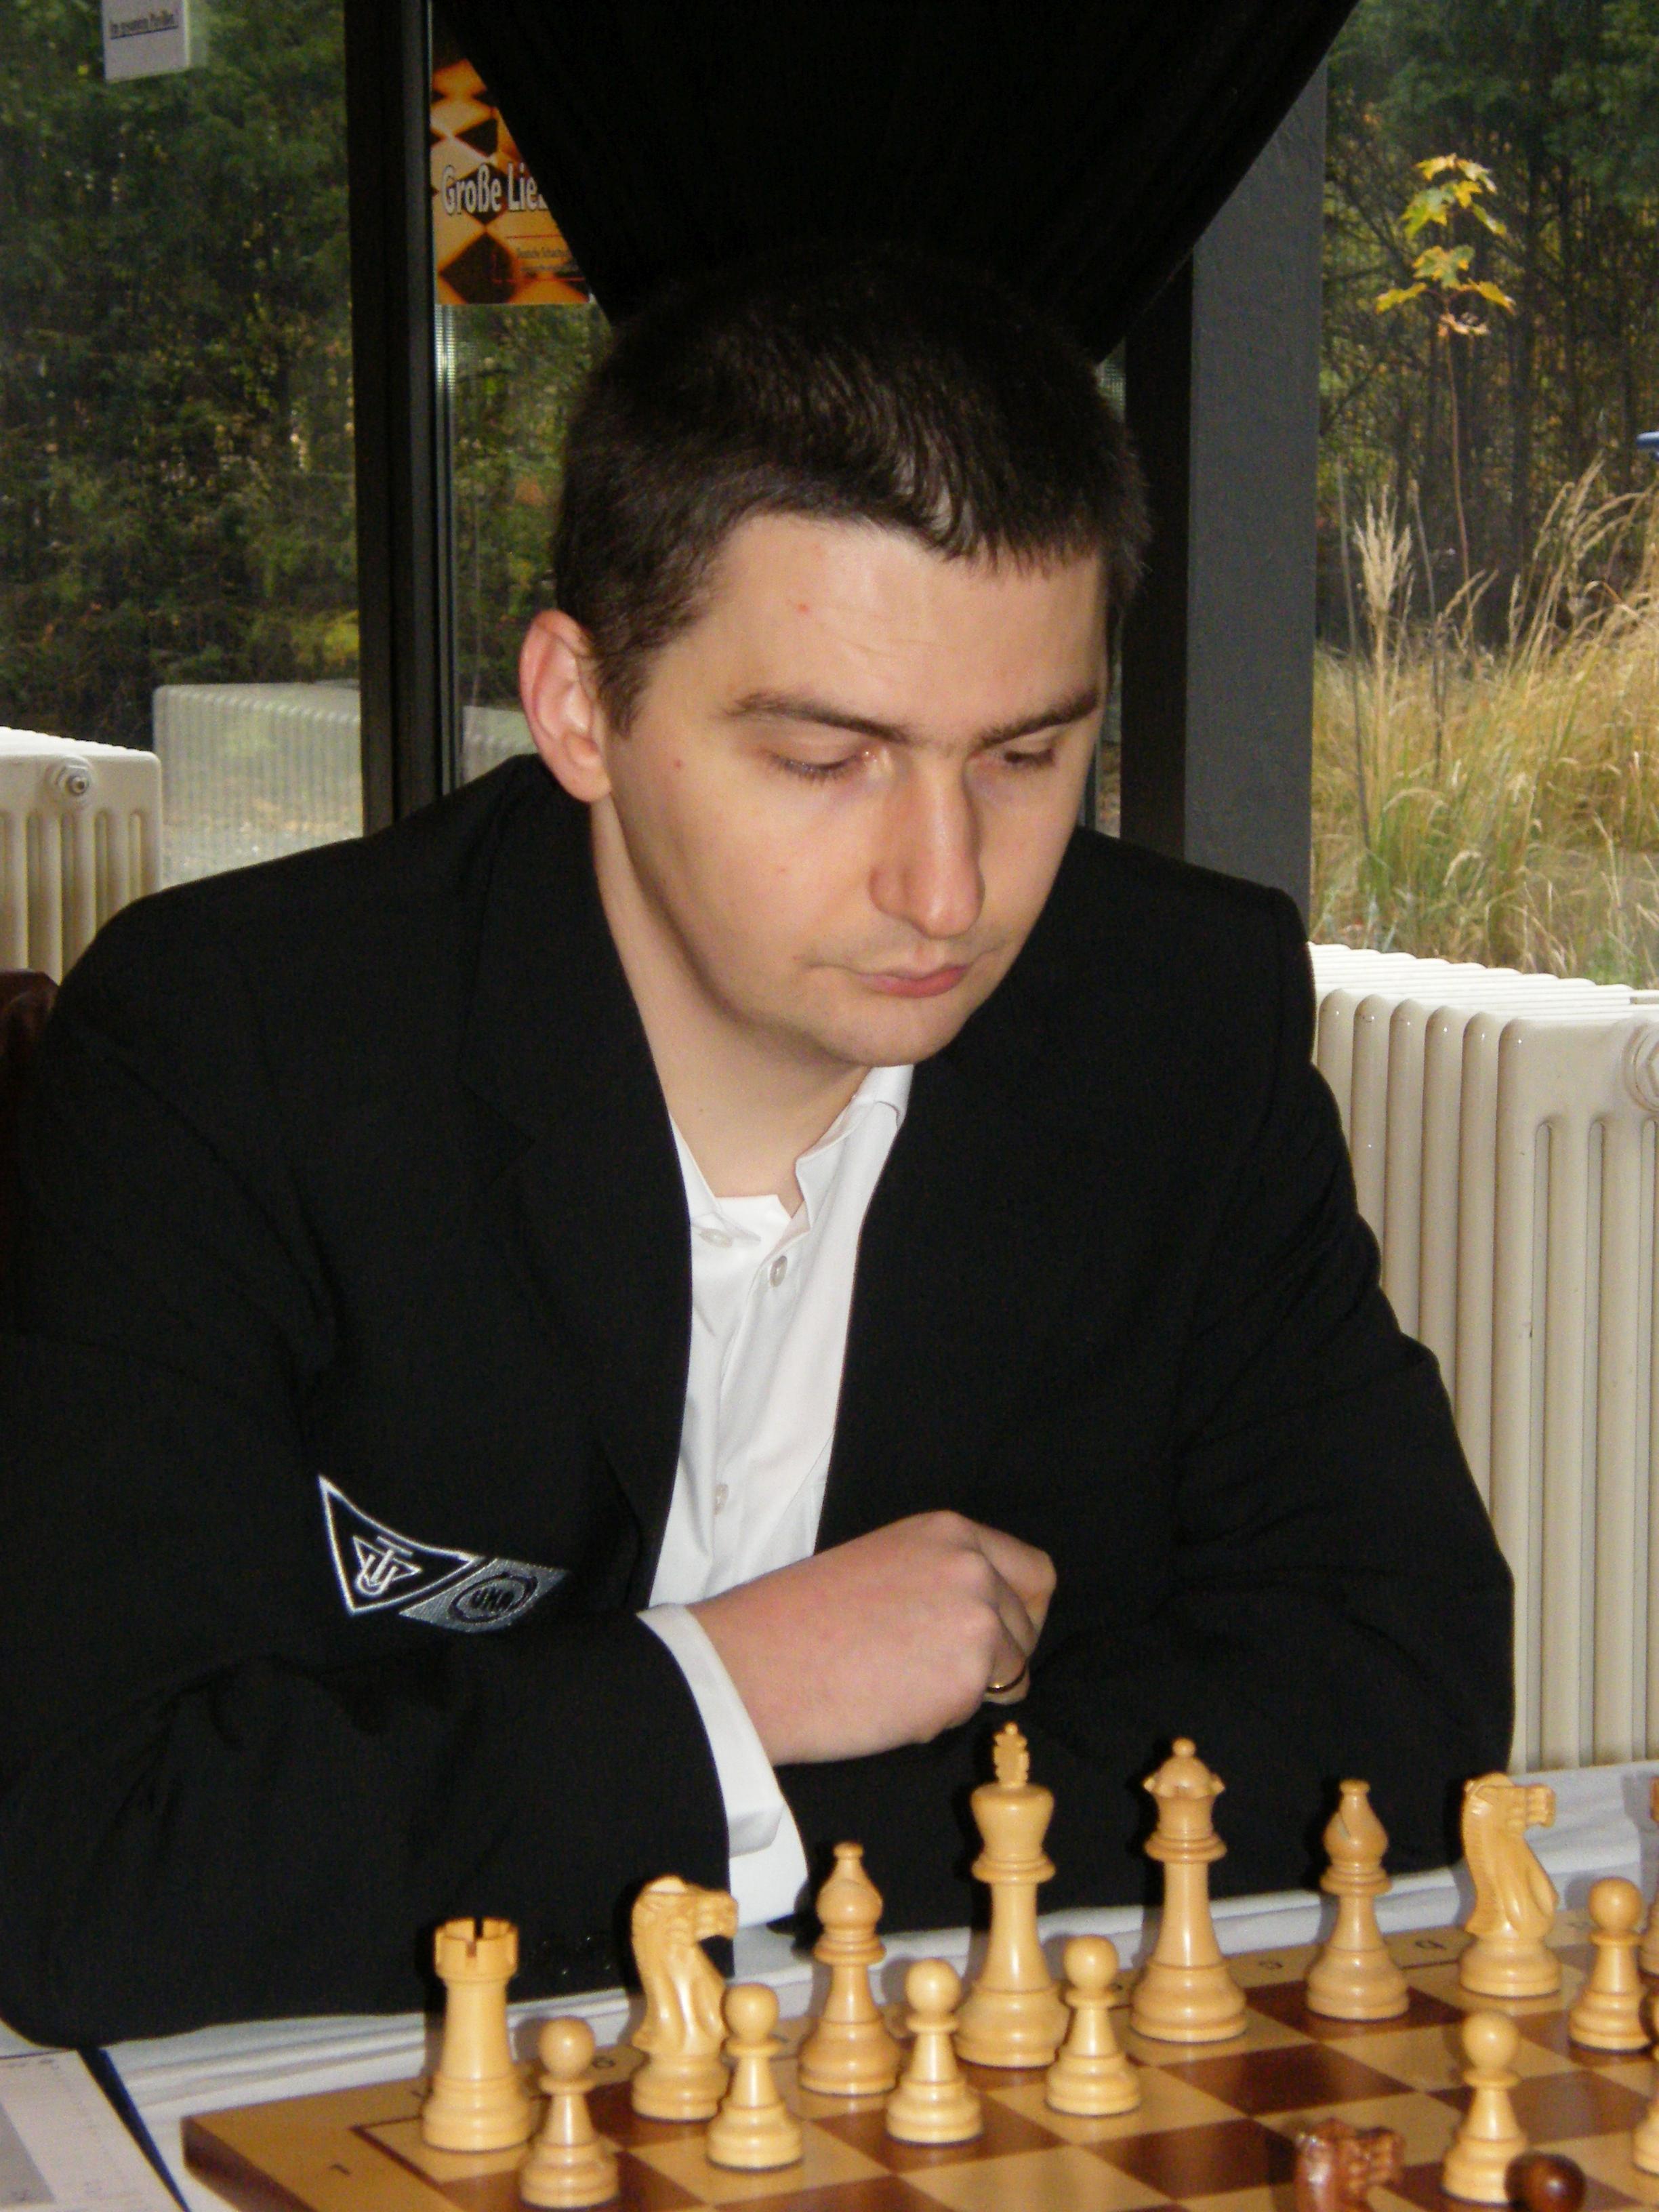 Marcin Dziuba Net Worth